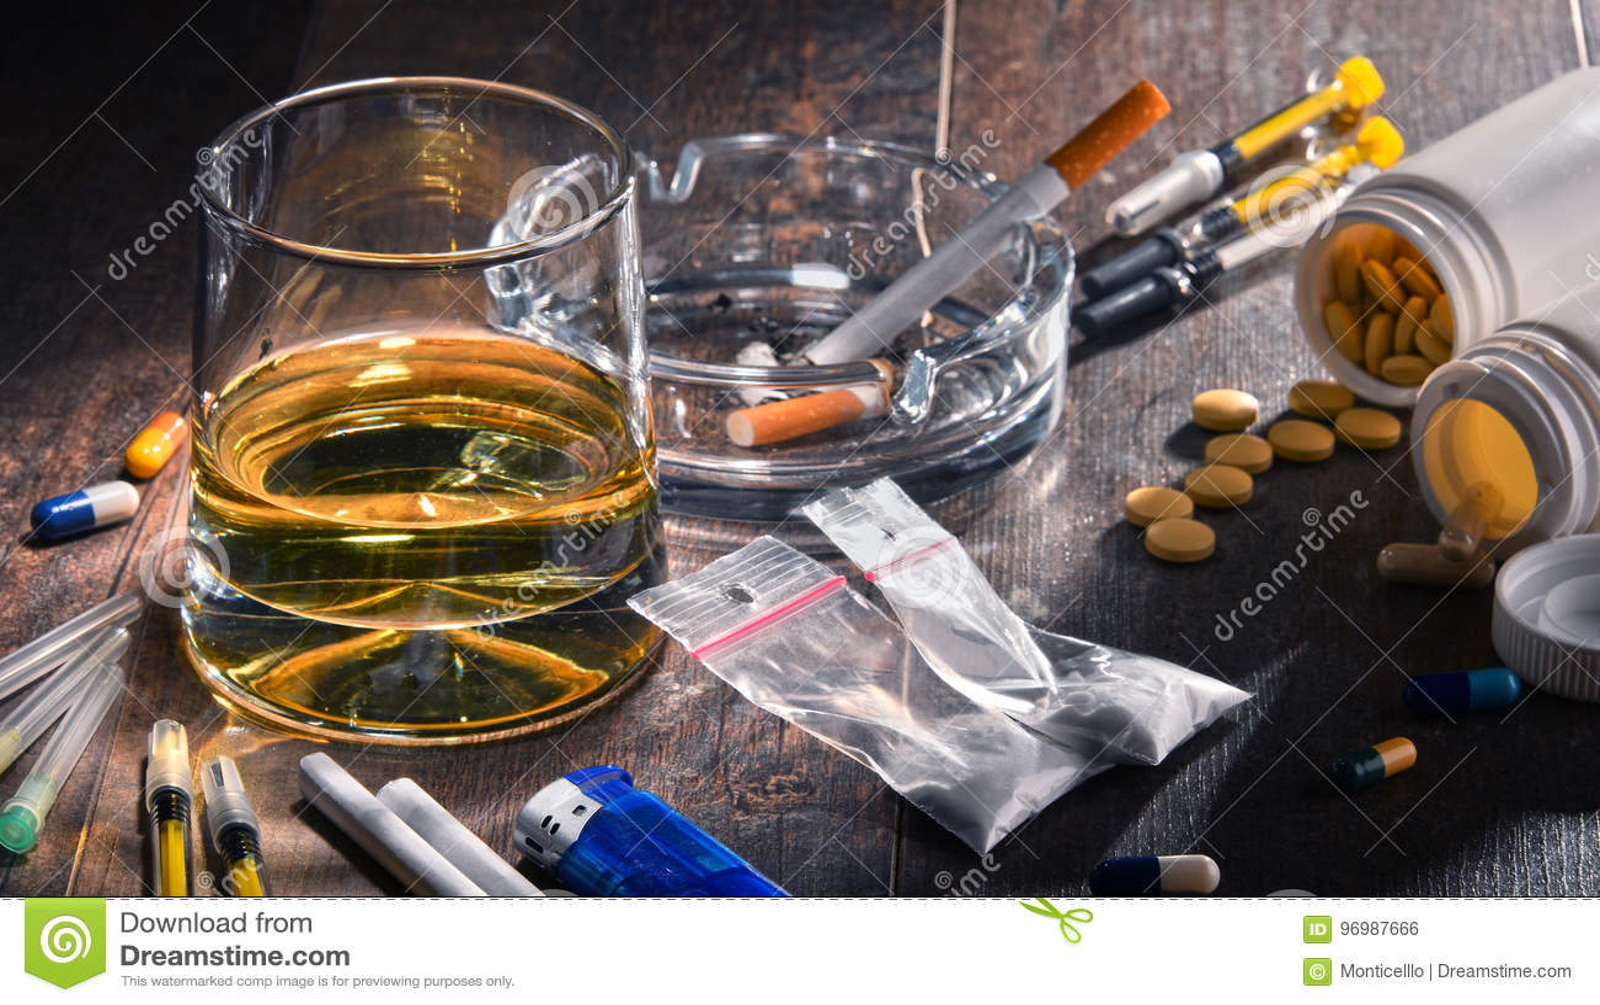 Substâncias aditivas, incluindo o álcool, os cigarros e as drogas